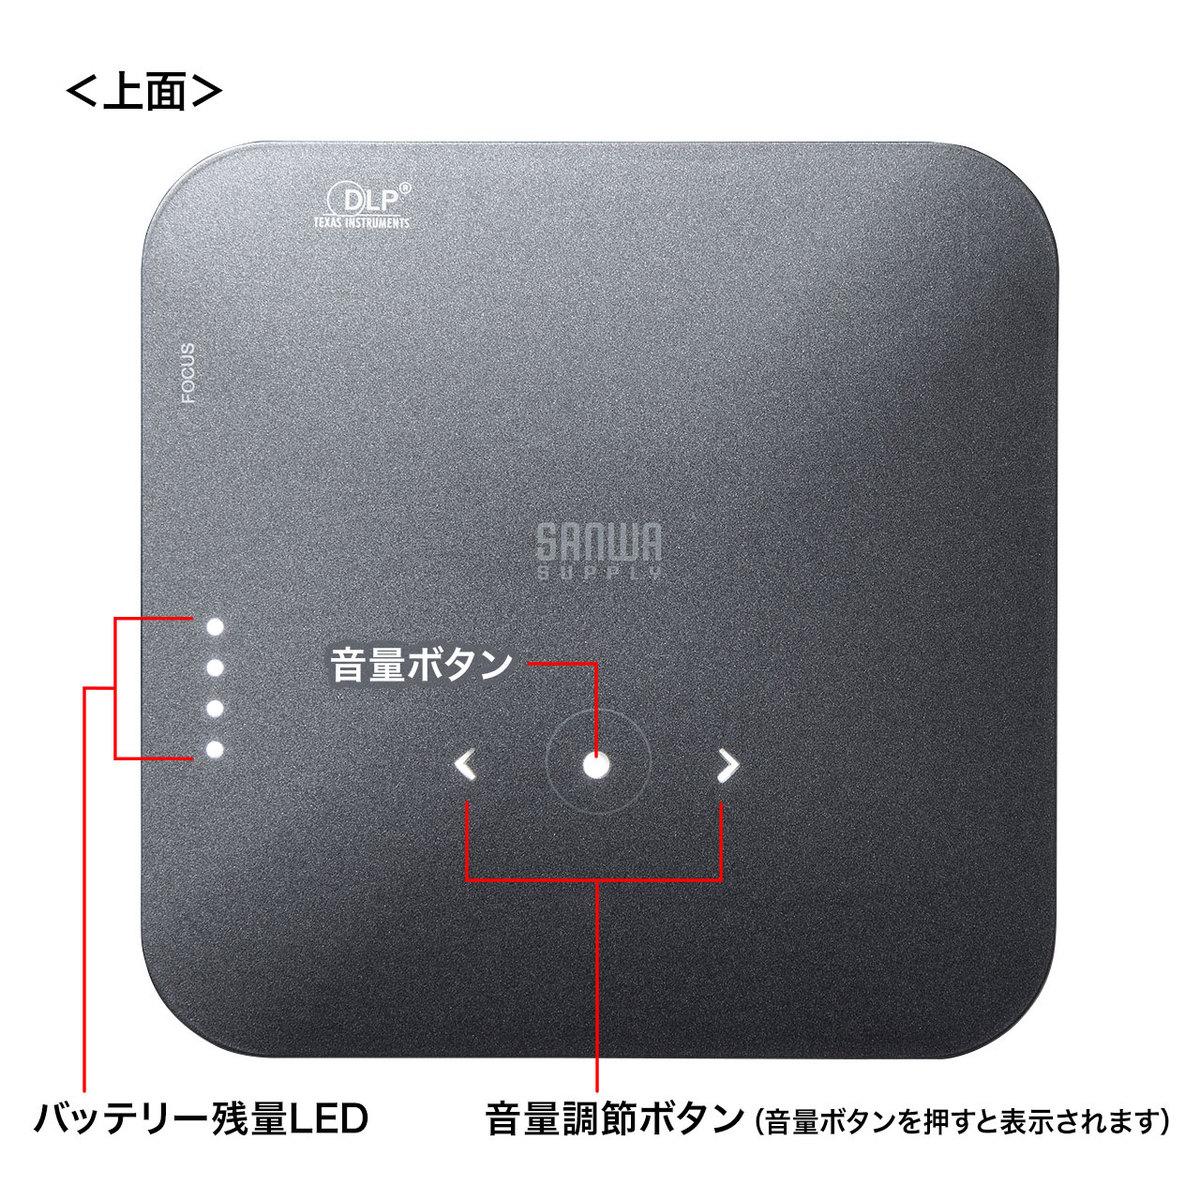 [PRJ-8] 高輝度モバイルプロジェクター